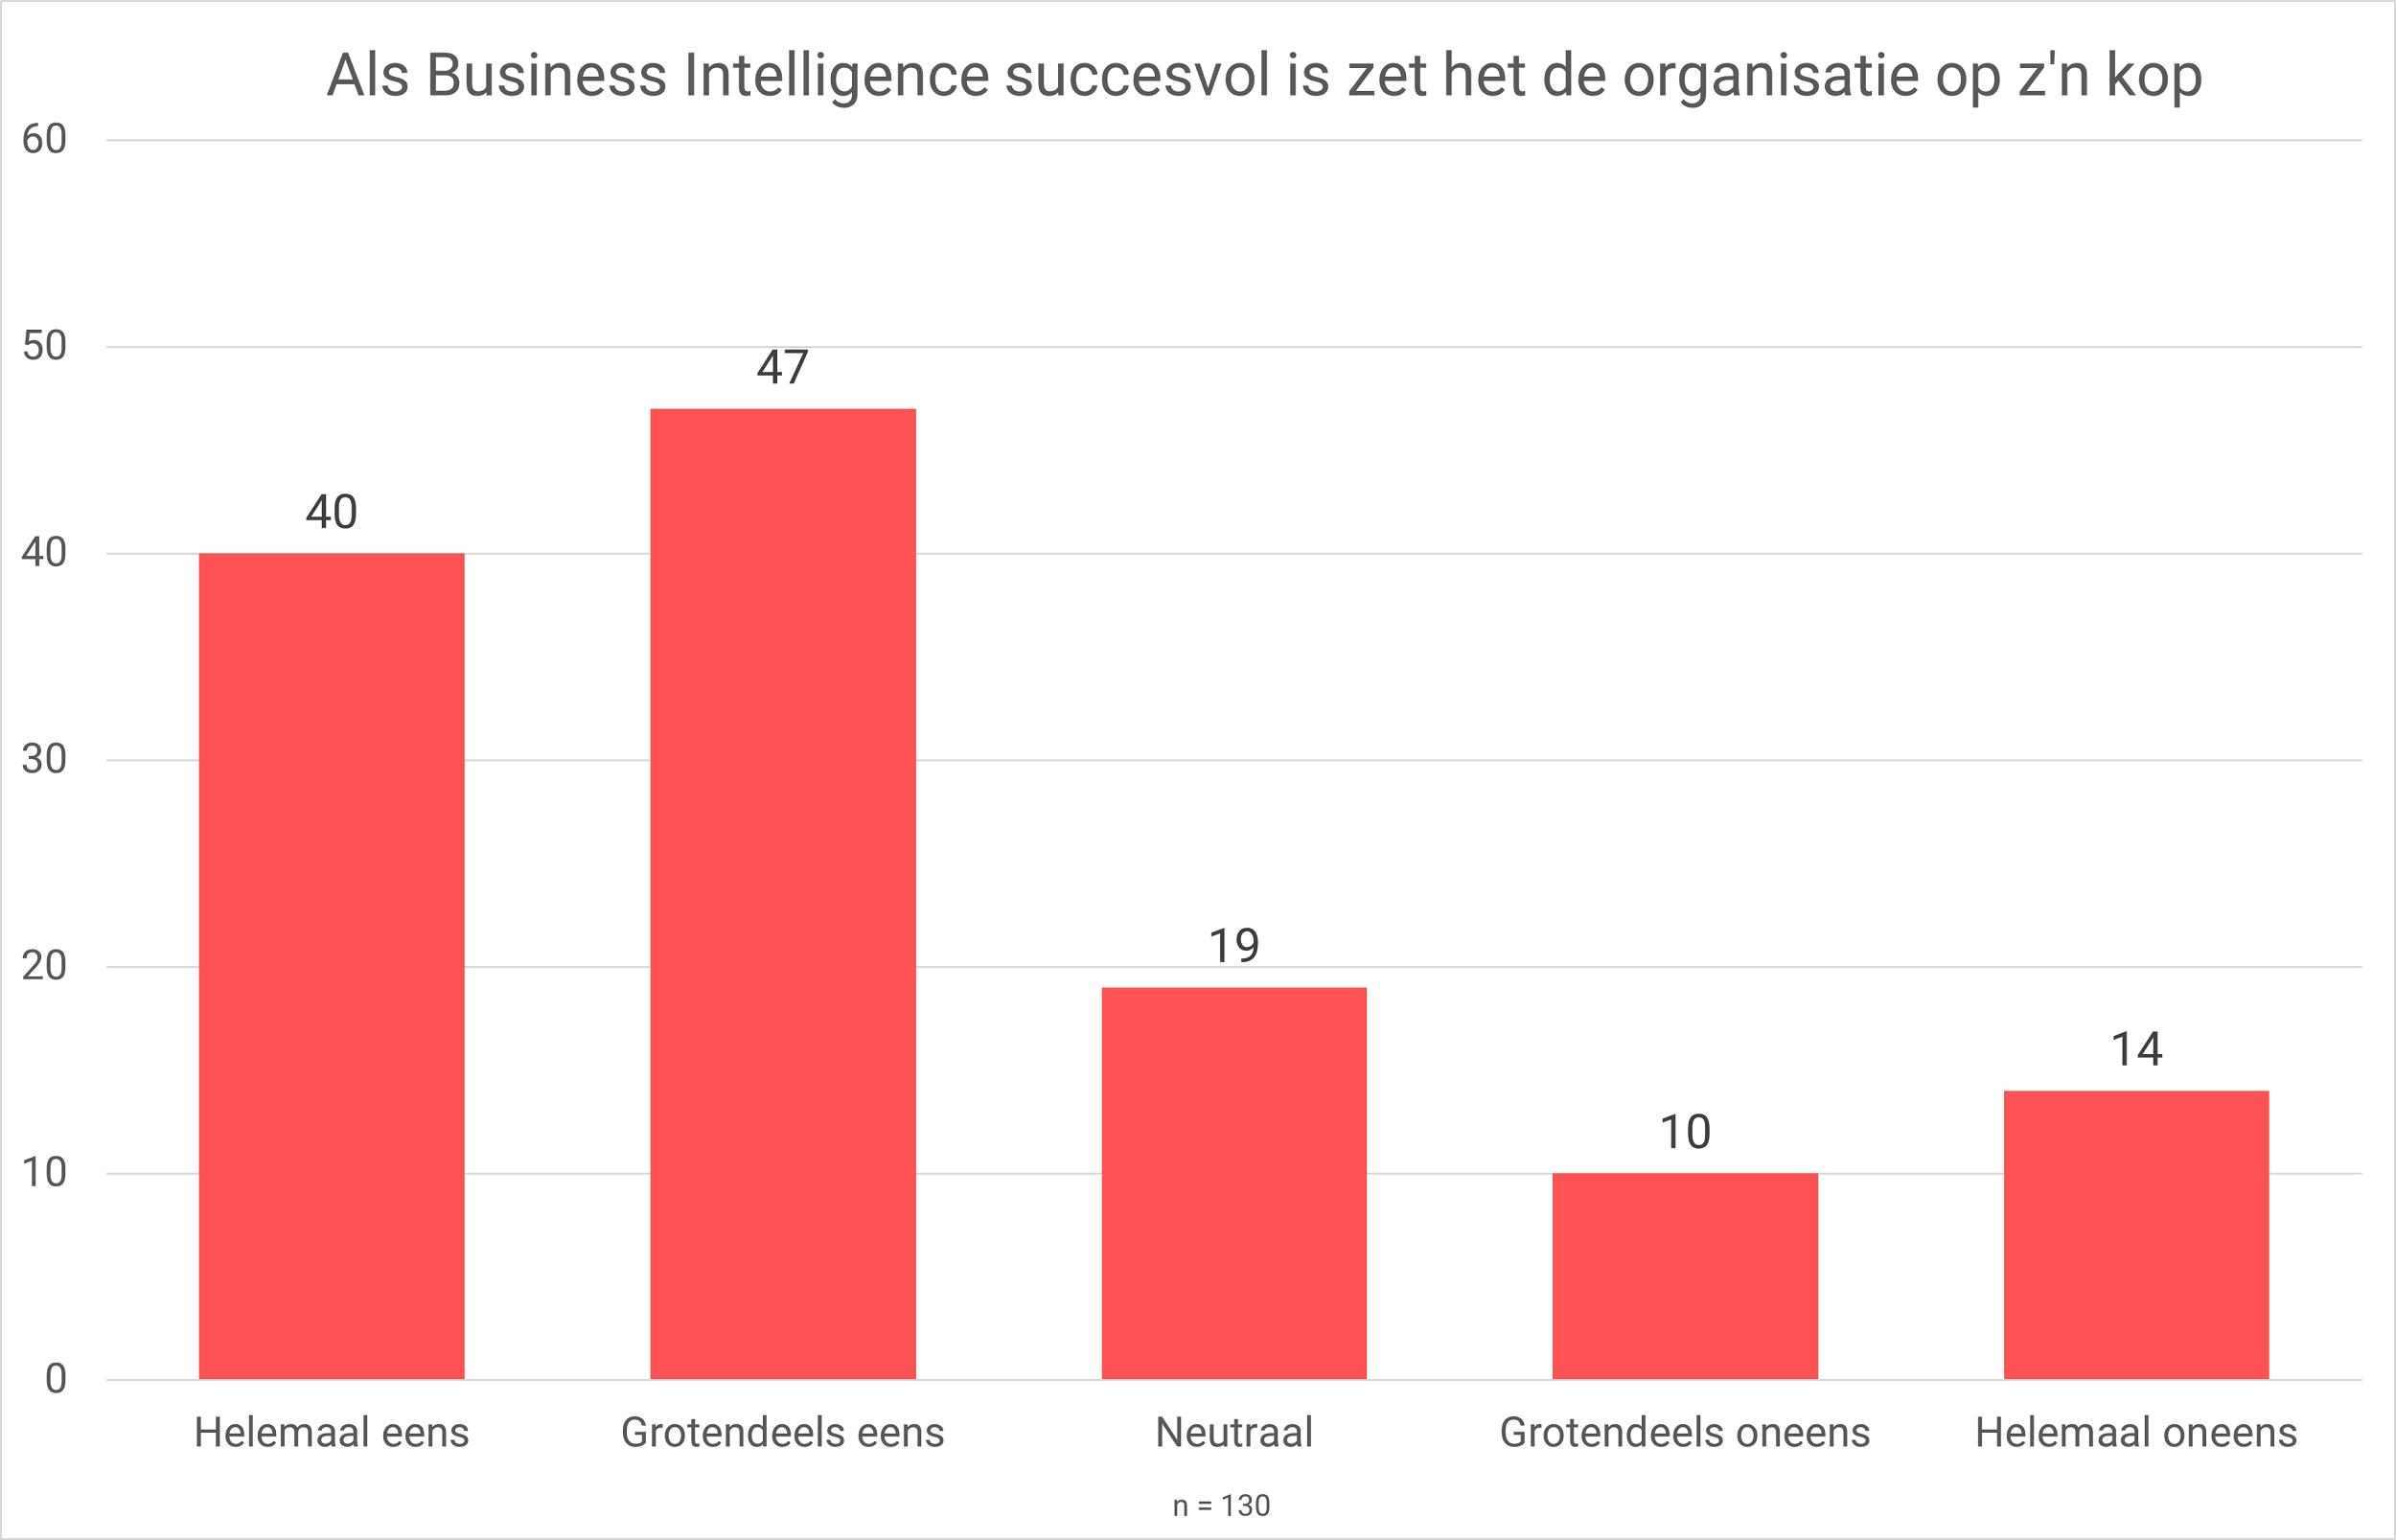 Als business intelligence succesvol is zet het de organisatie op zijn kop